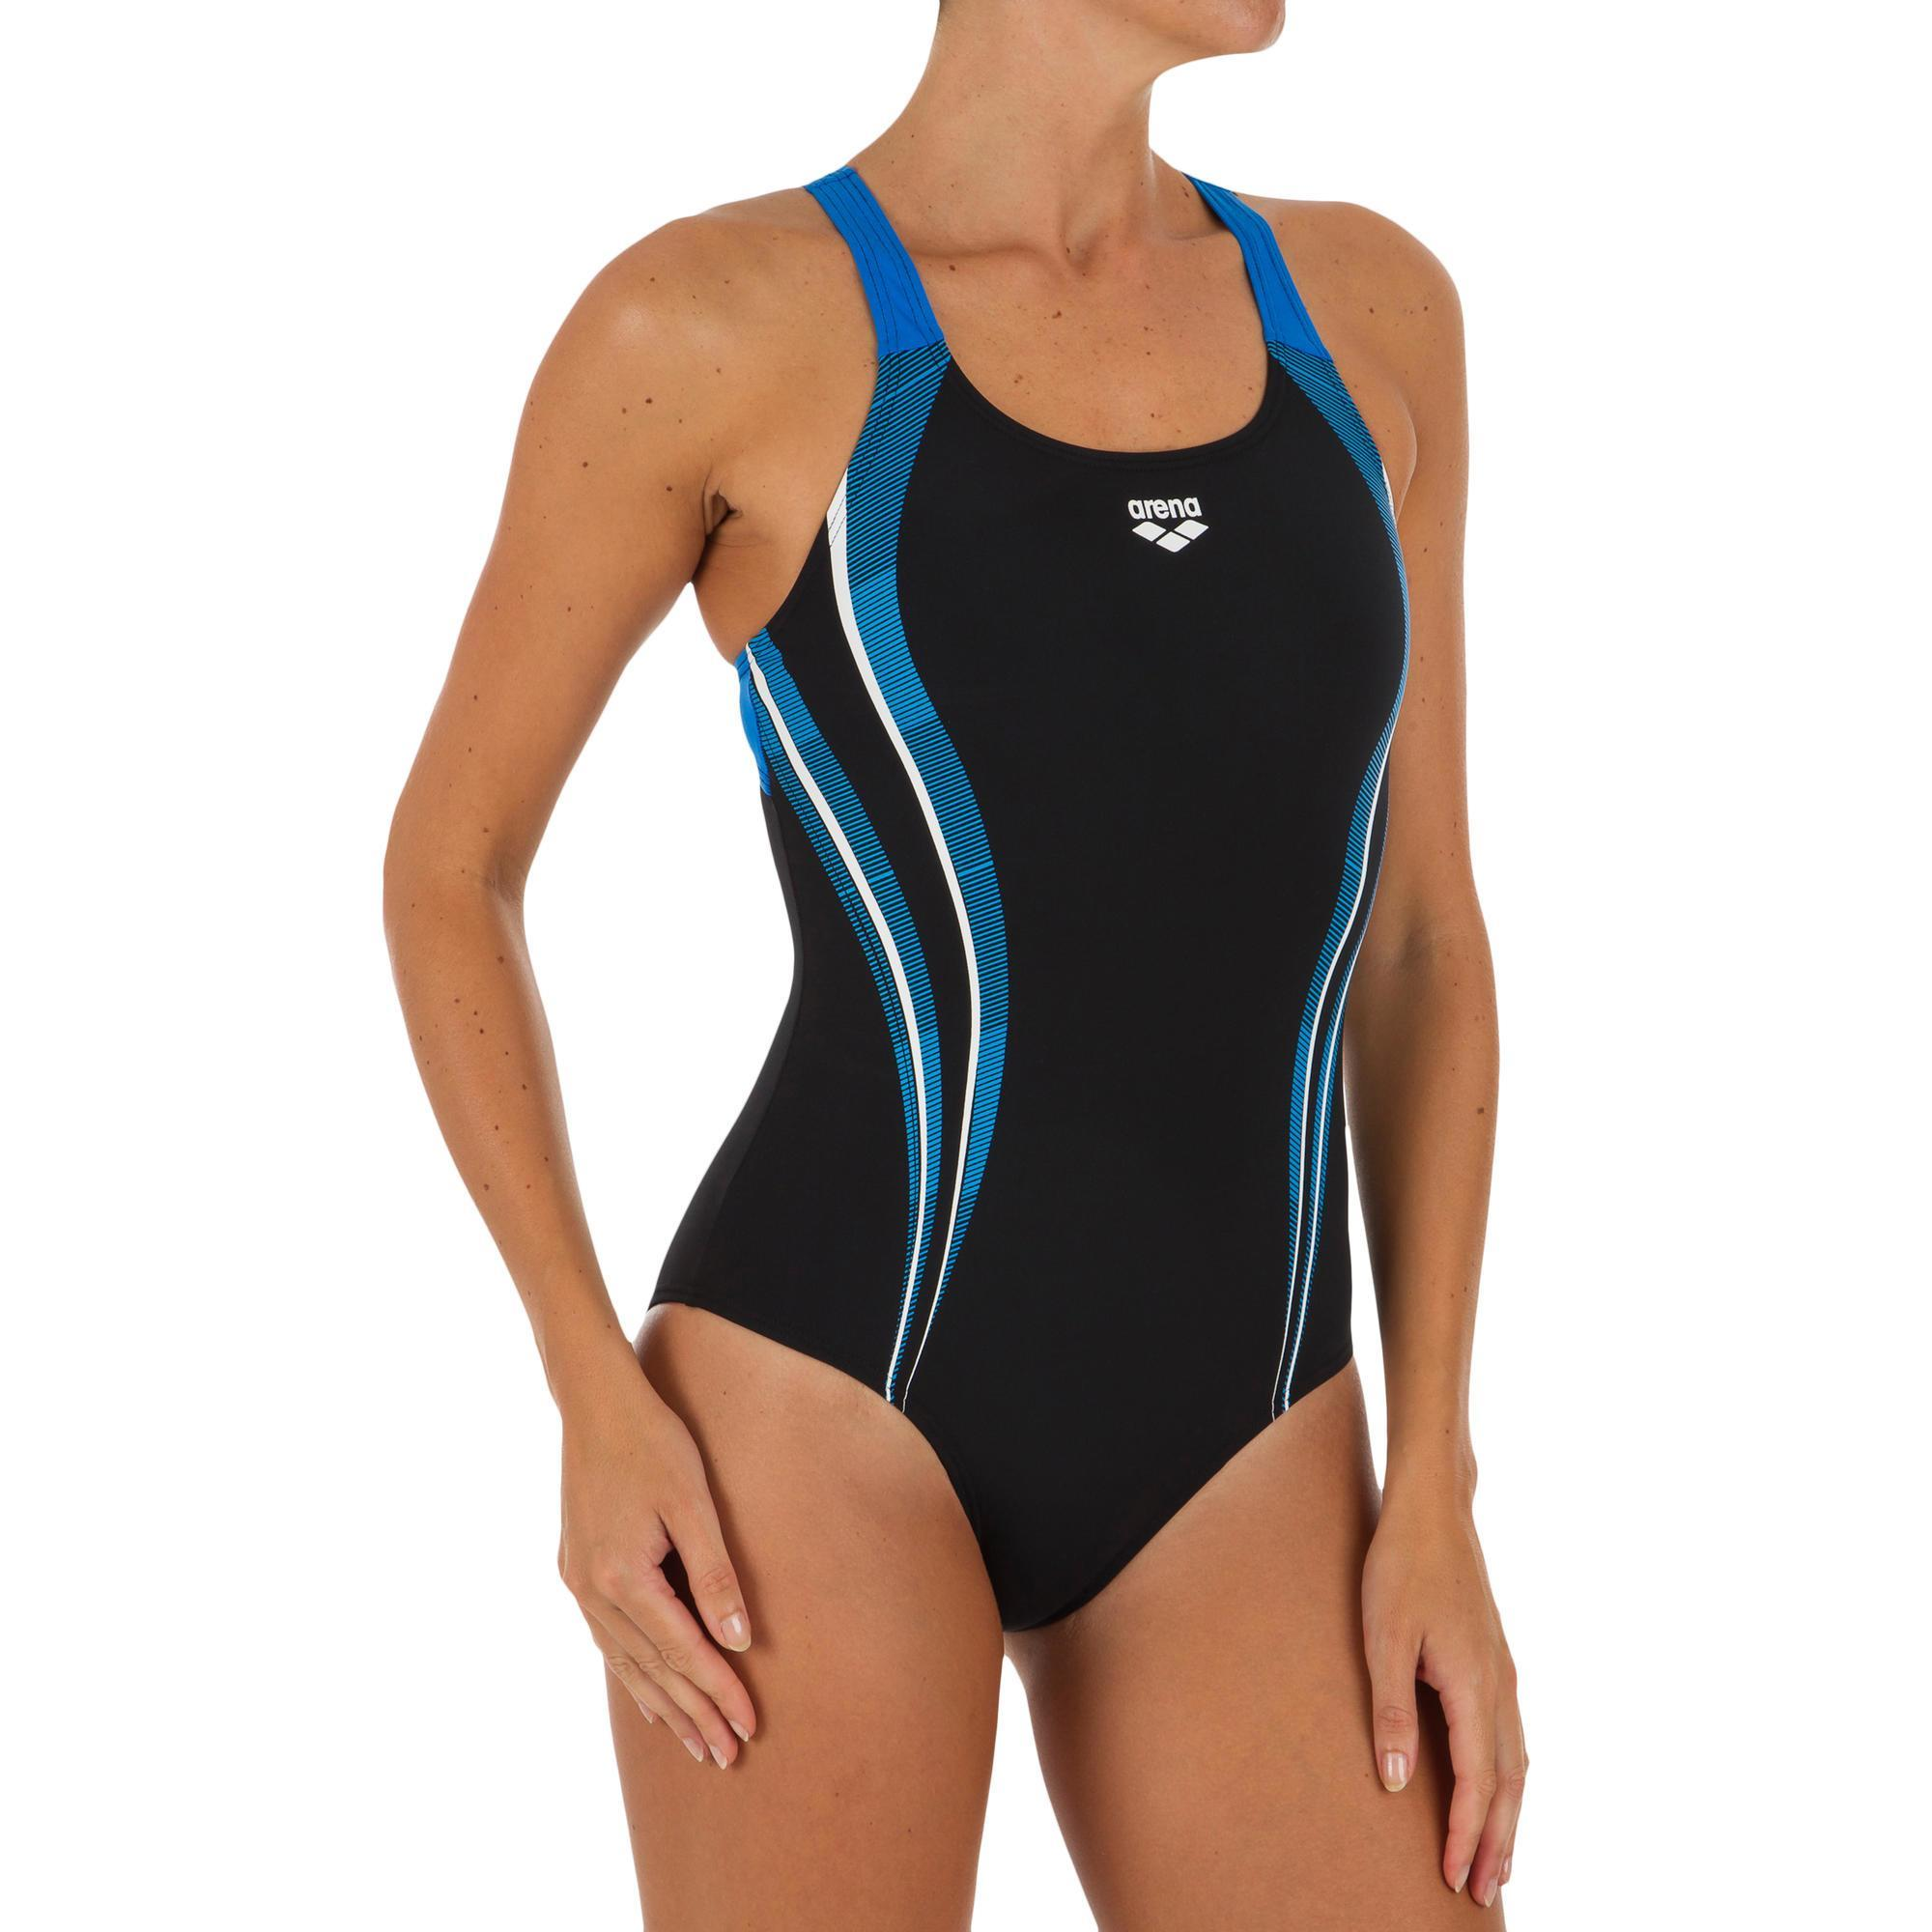 4fcdb5c93 Bañador Natación Piscina Arena Spaced Mujer Espalda O Tirantes Anchos Negro  Azul Arena